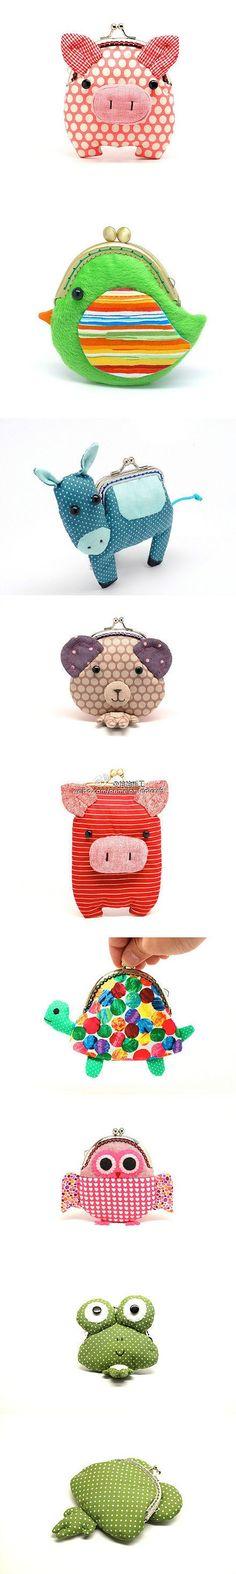 Animal coin purses